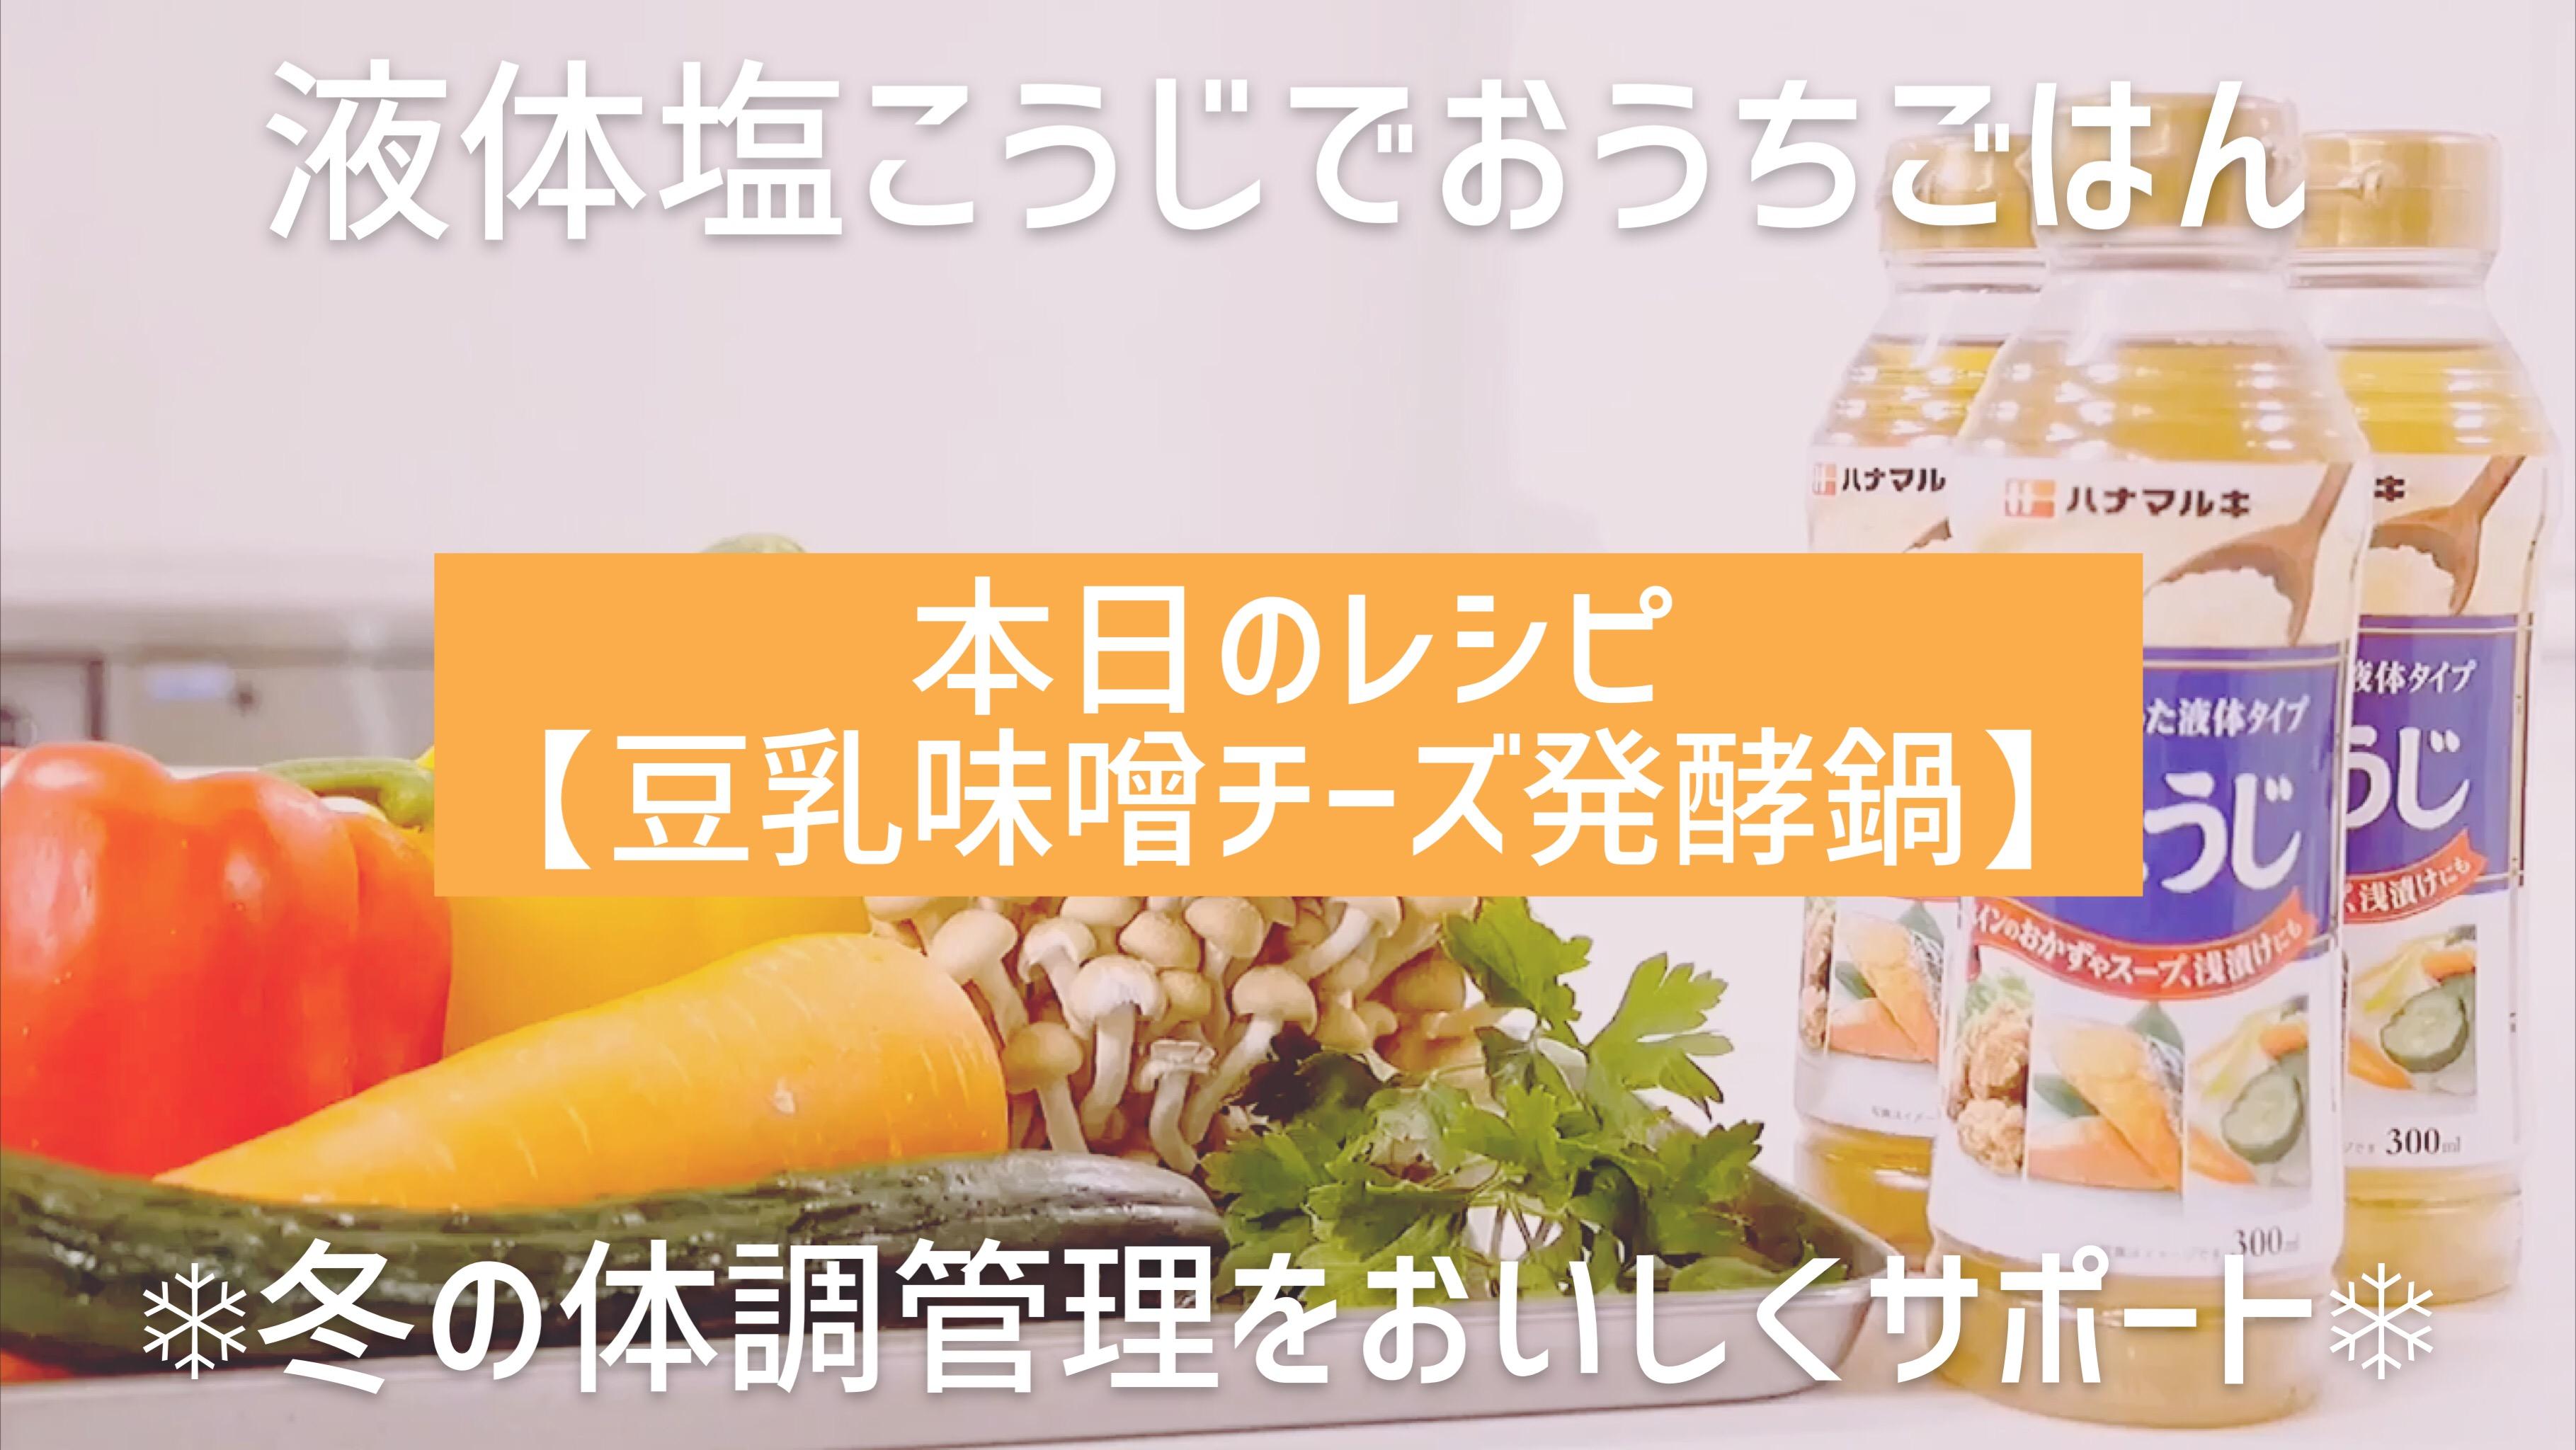 【ハナマルキ公式Youtube】液体塩こうじでおうちごはん#12 豆乳味噌チーズ発酵鍋♬